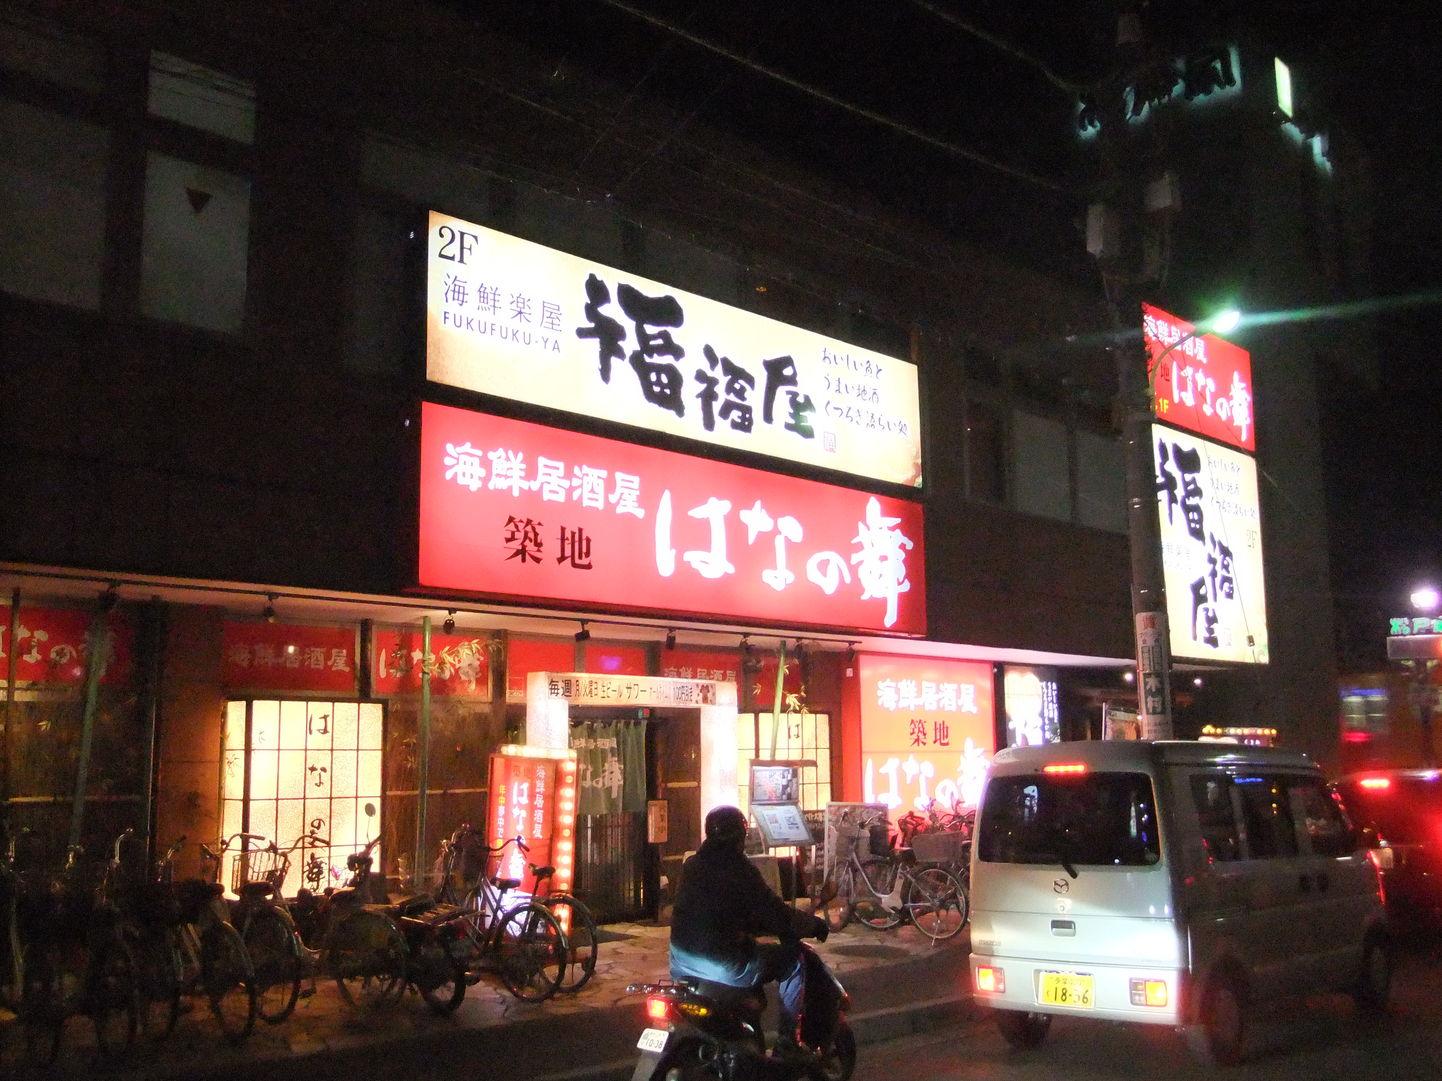 福福屋 小平南口駅前店